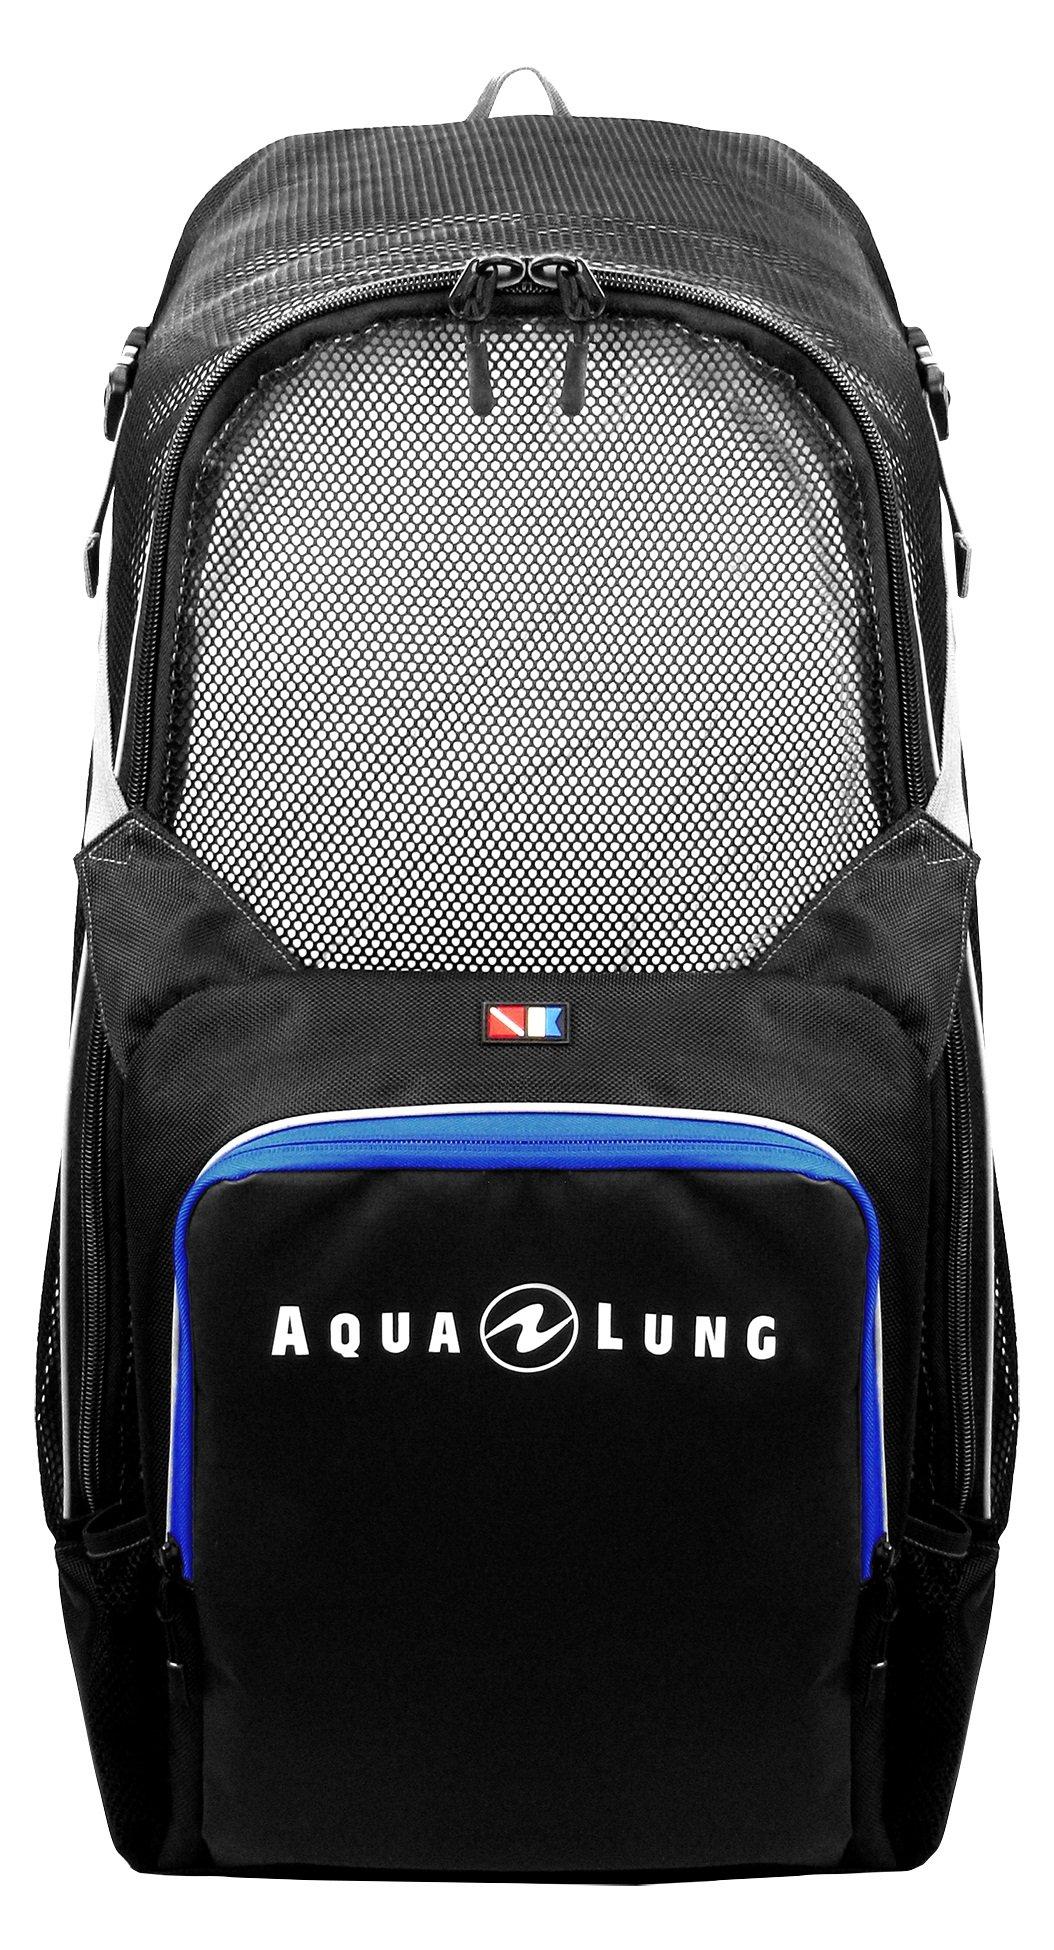 Aqua Lung Explorer Back Pack Bag